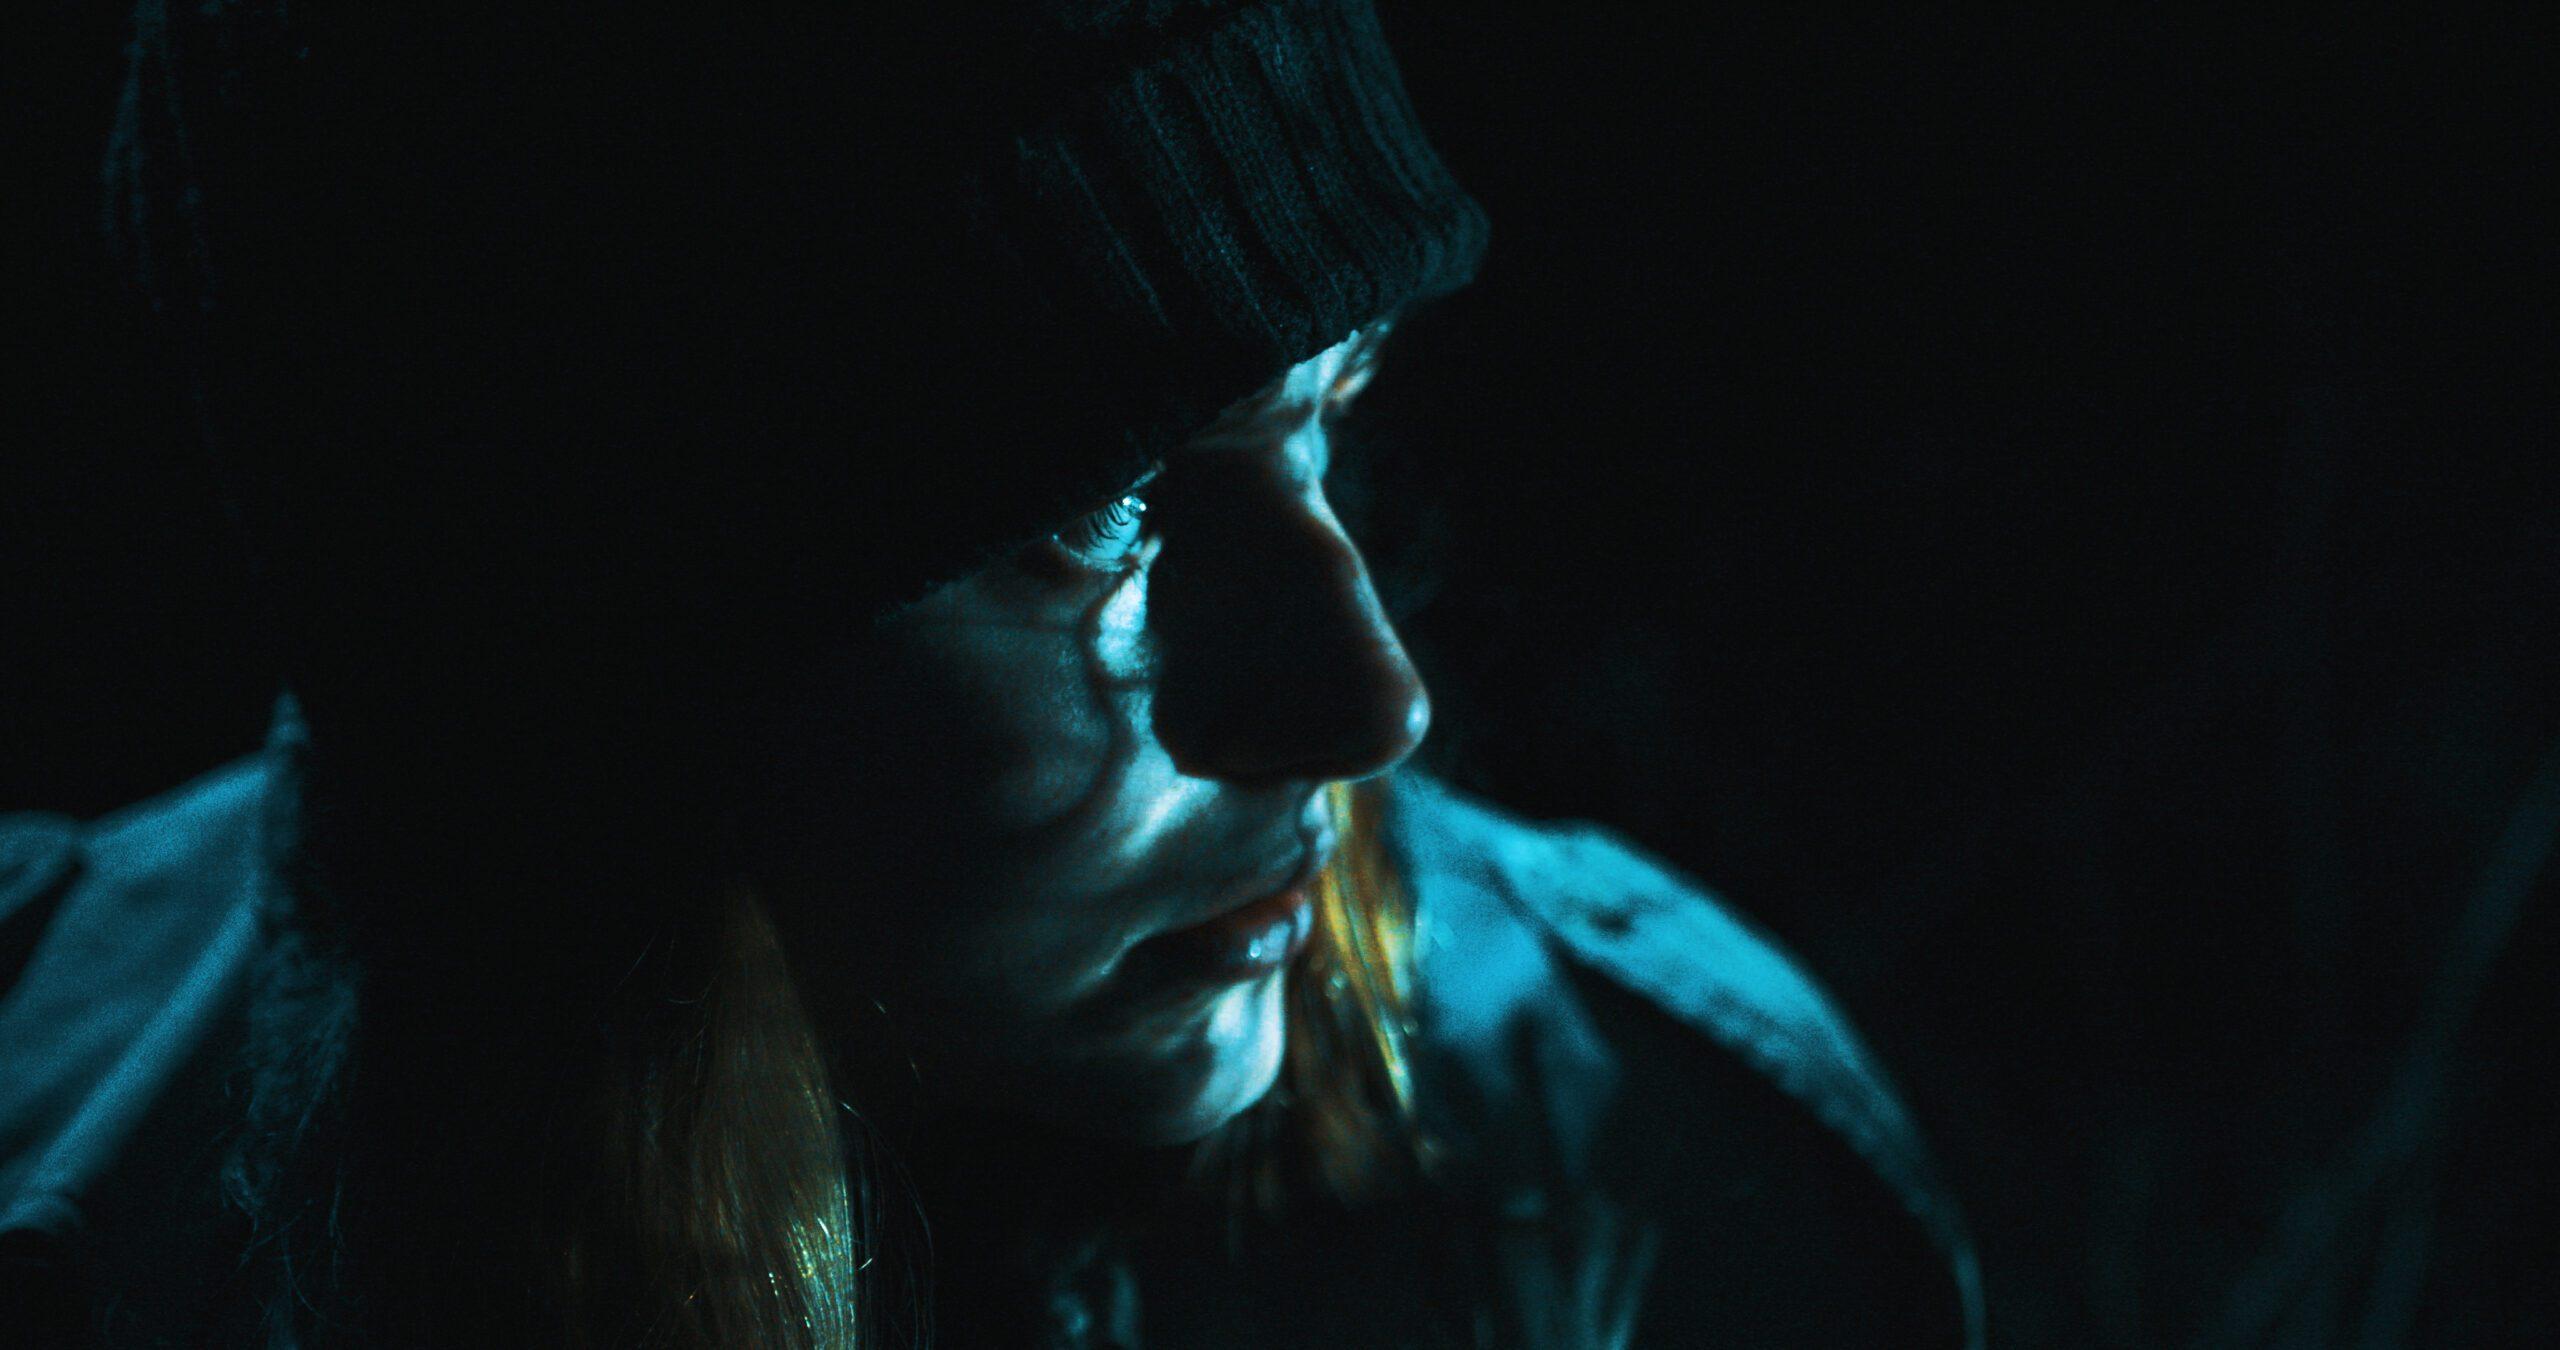 Lara Fee Baden als Lena Peters in dem Kurzfilm Zwischen den Ufern